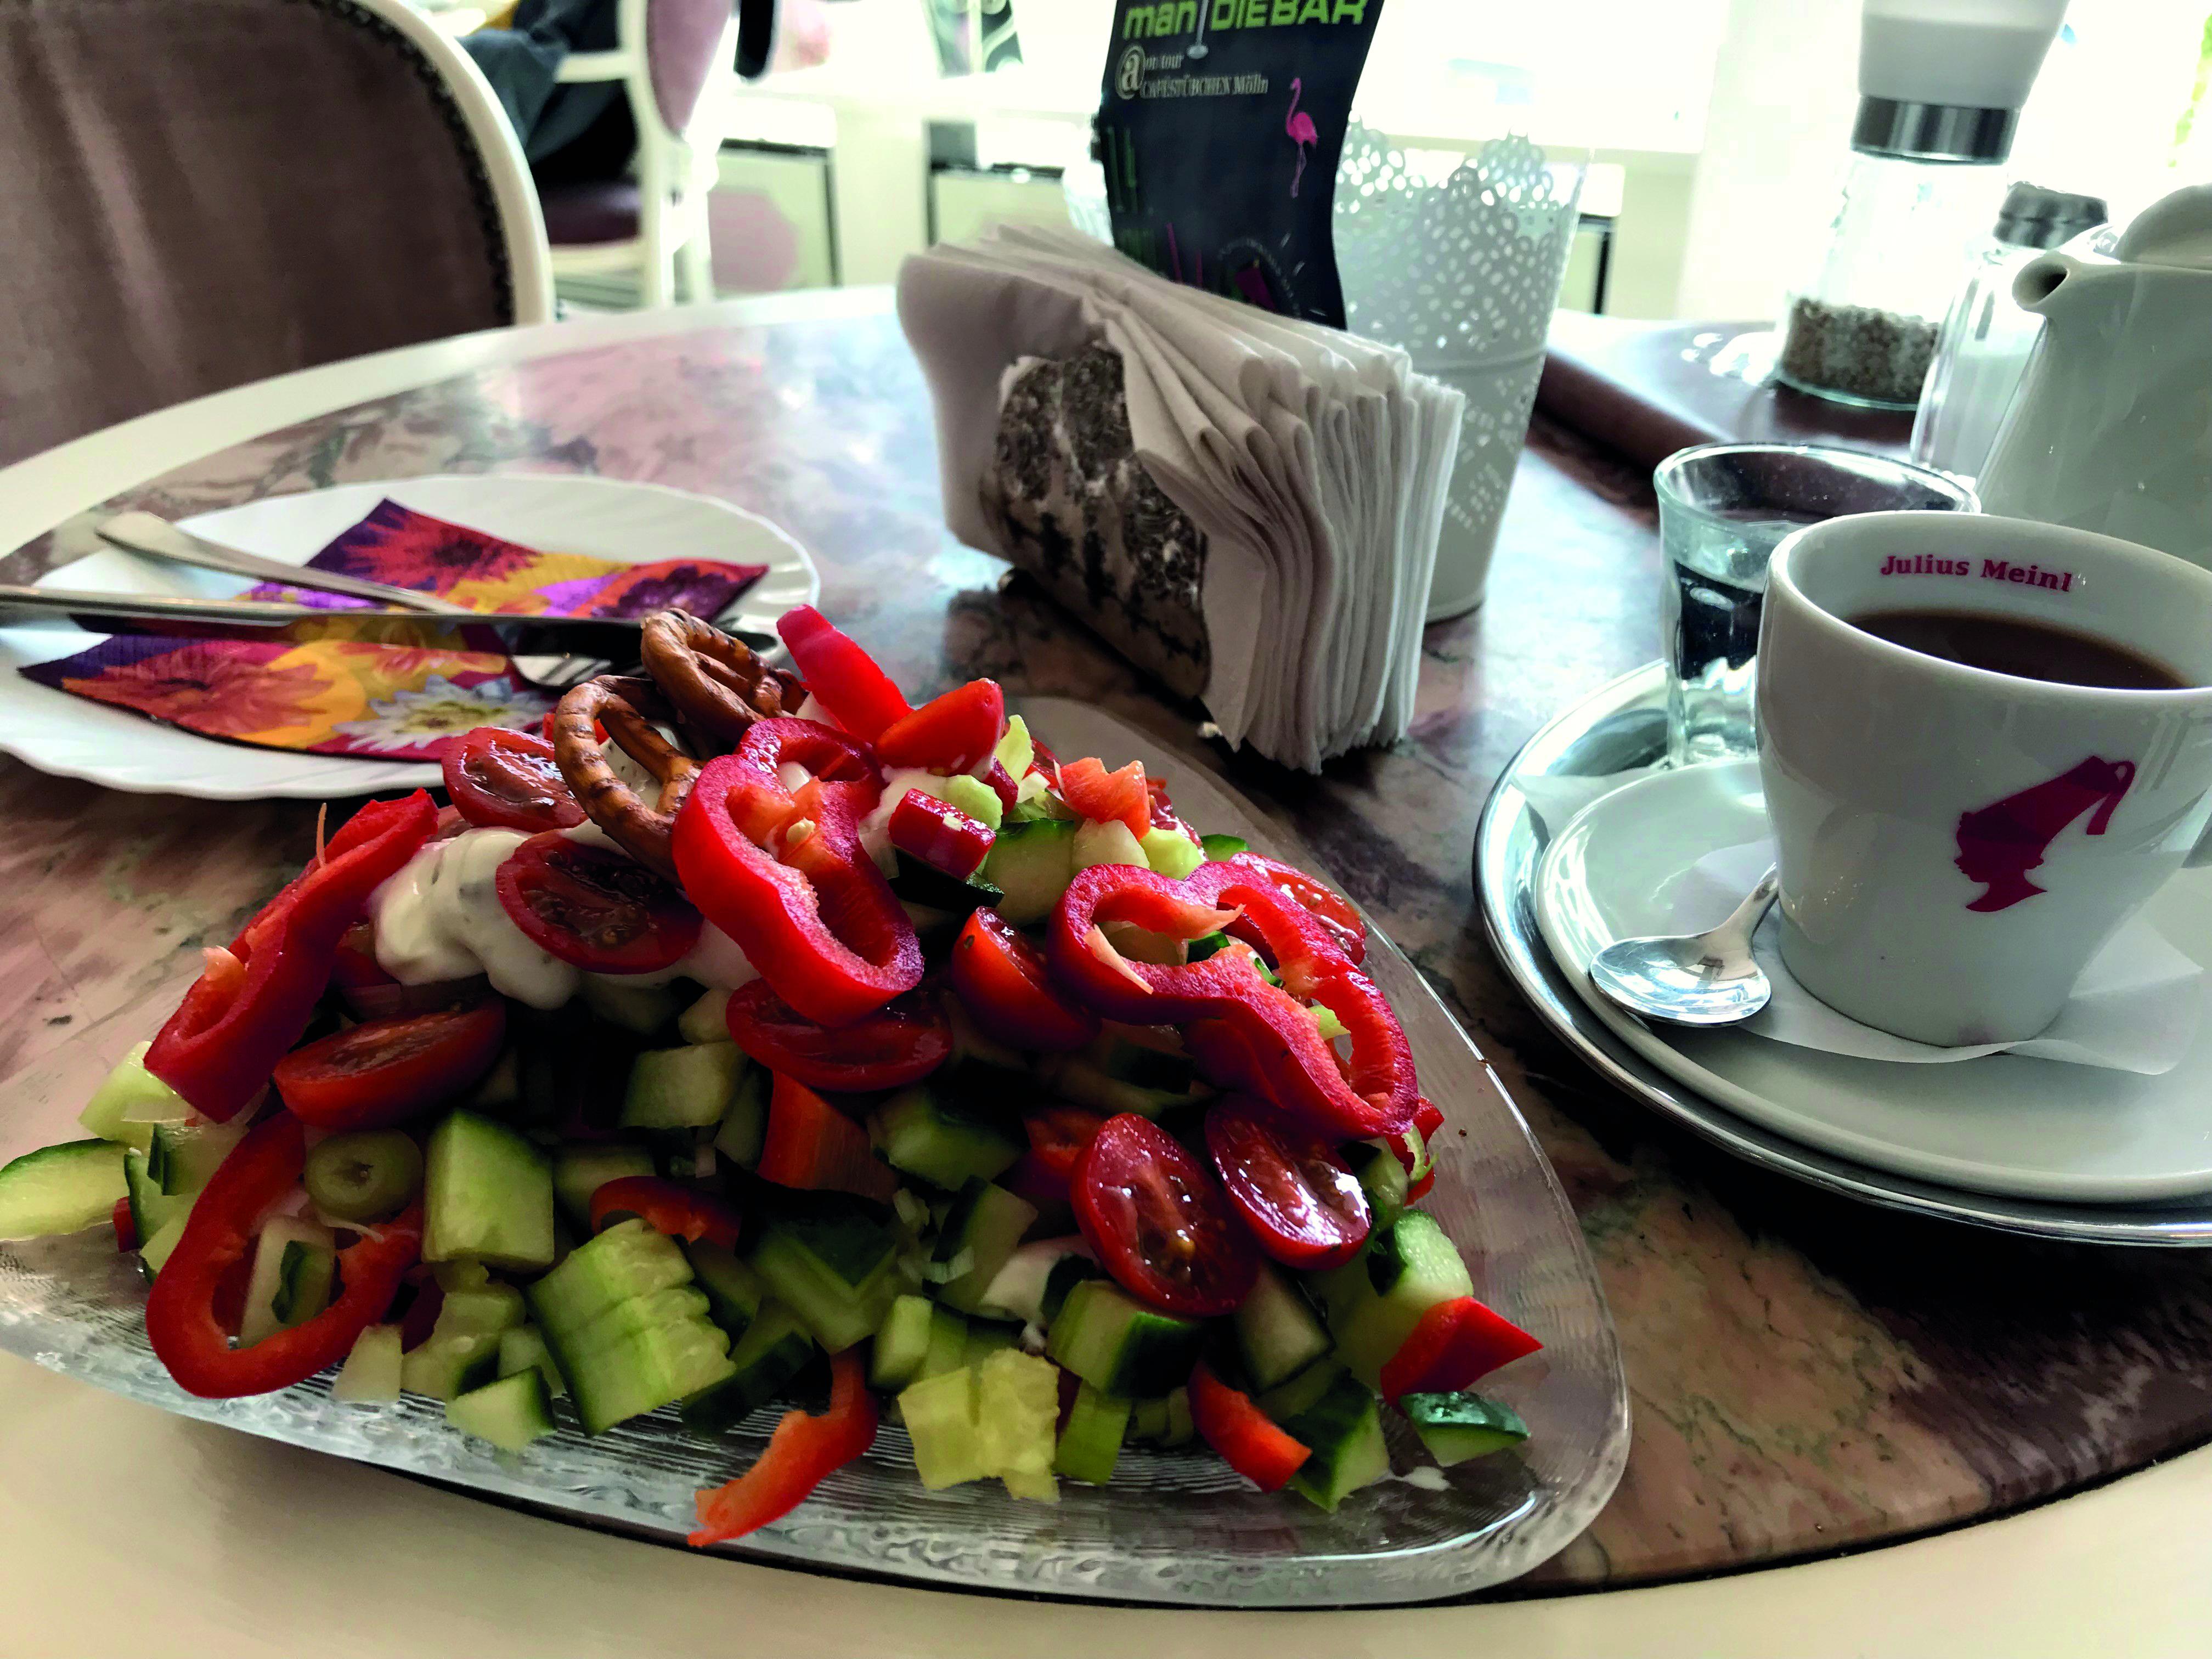 Cafe Helene Fr Ef Bf Bdhst Ef Bf Bdck